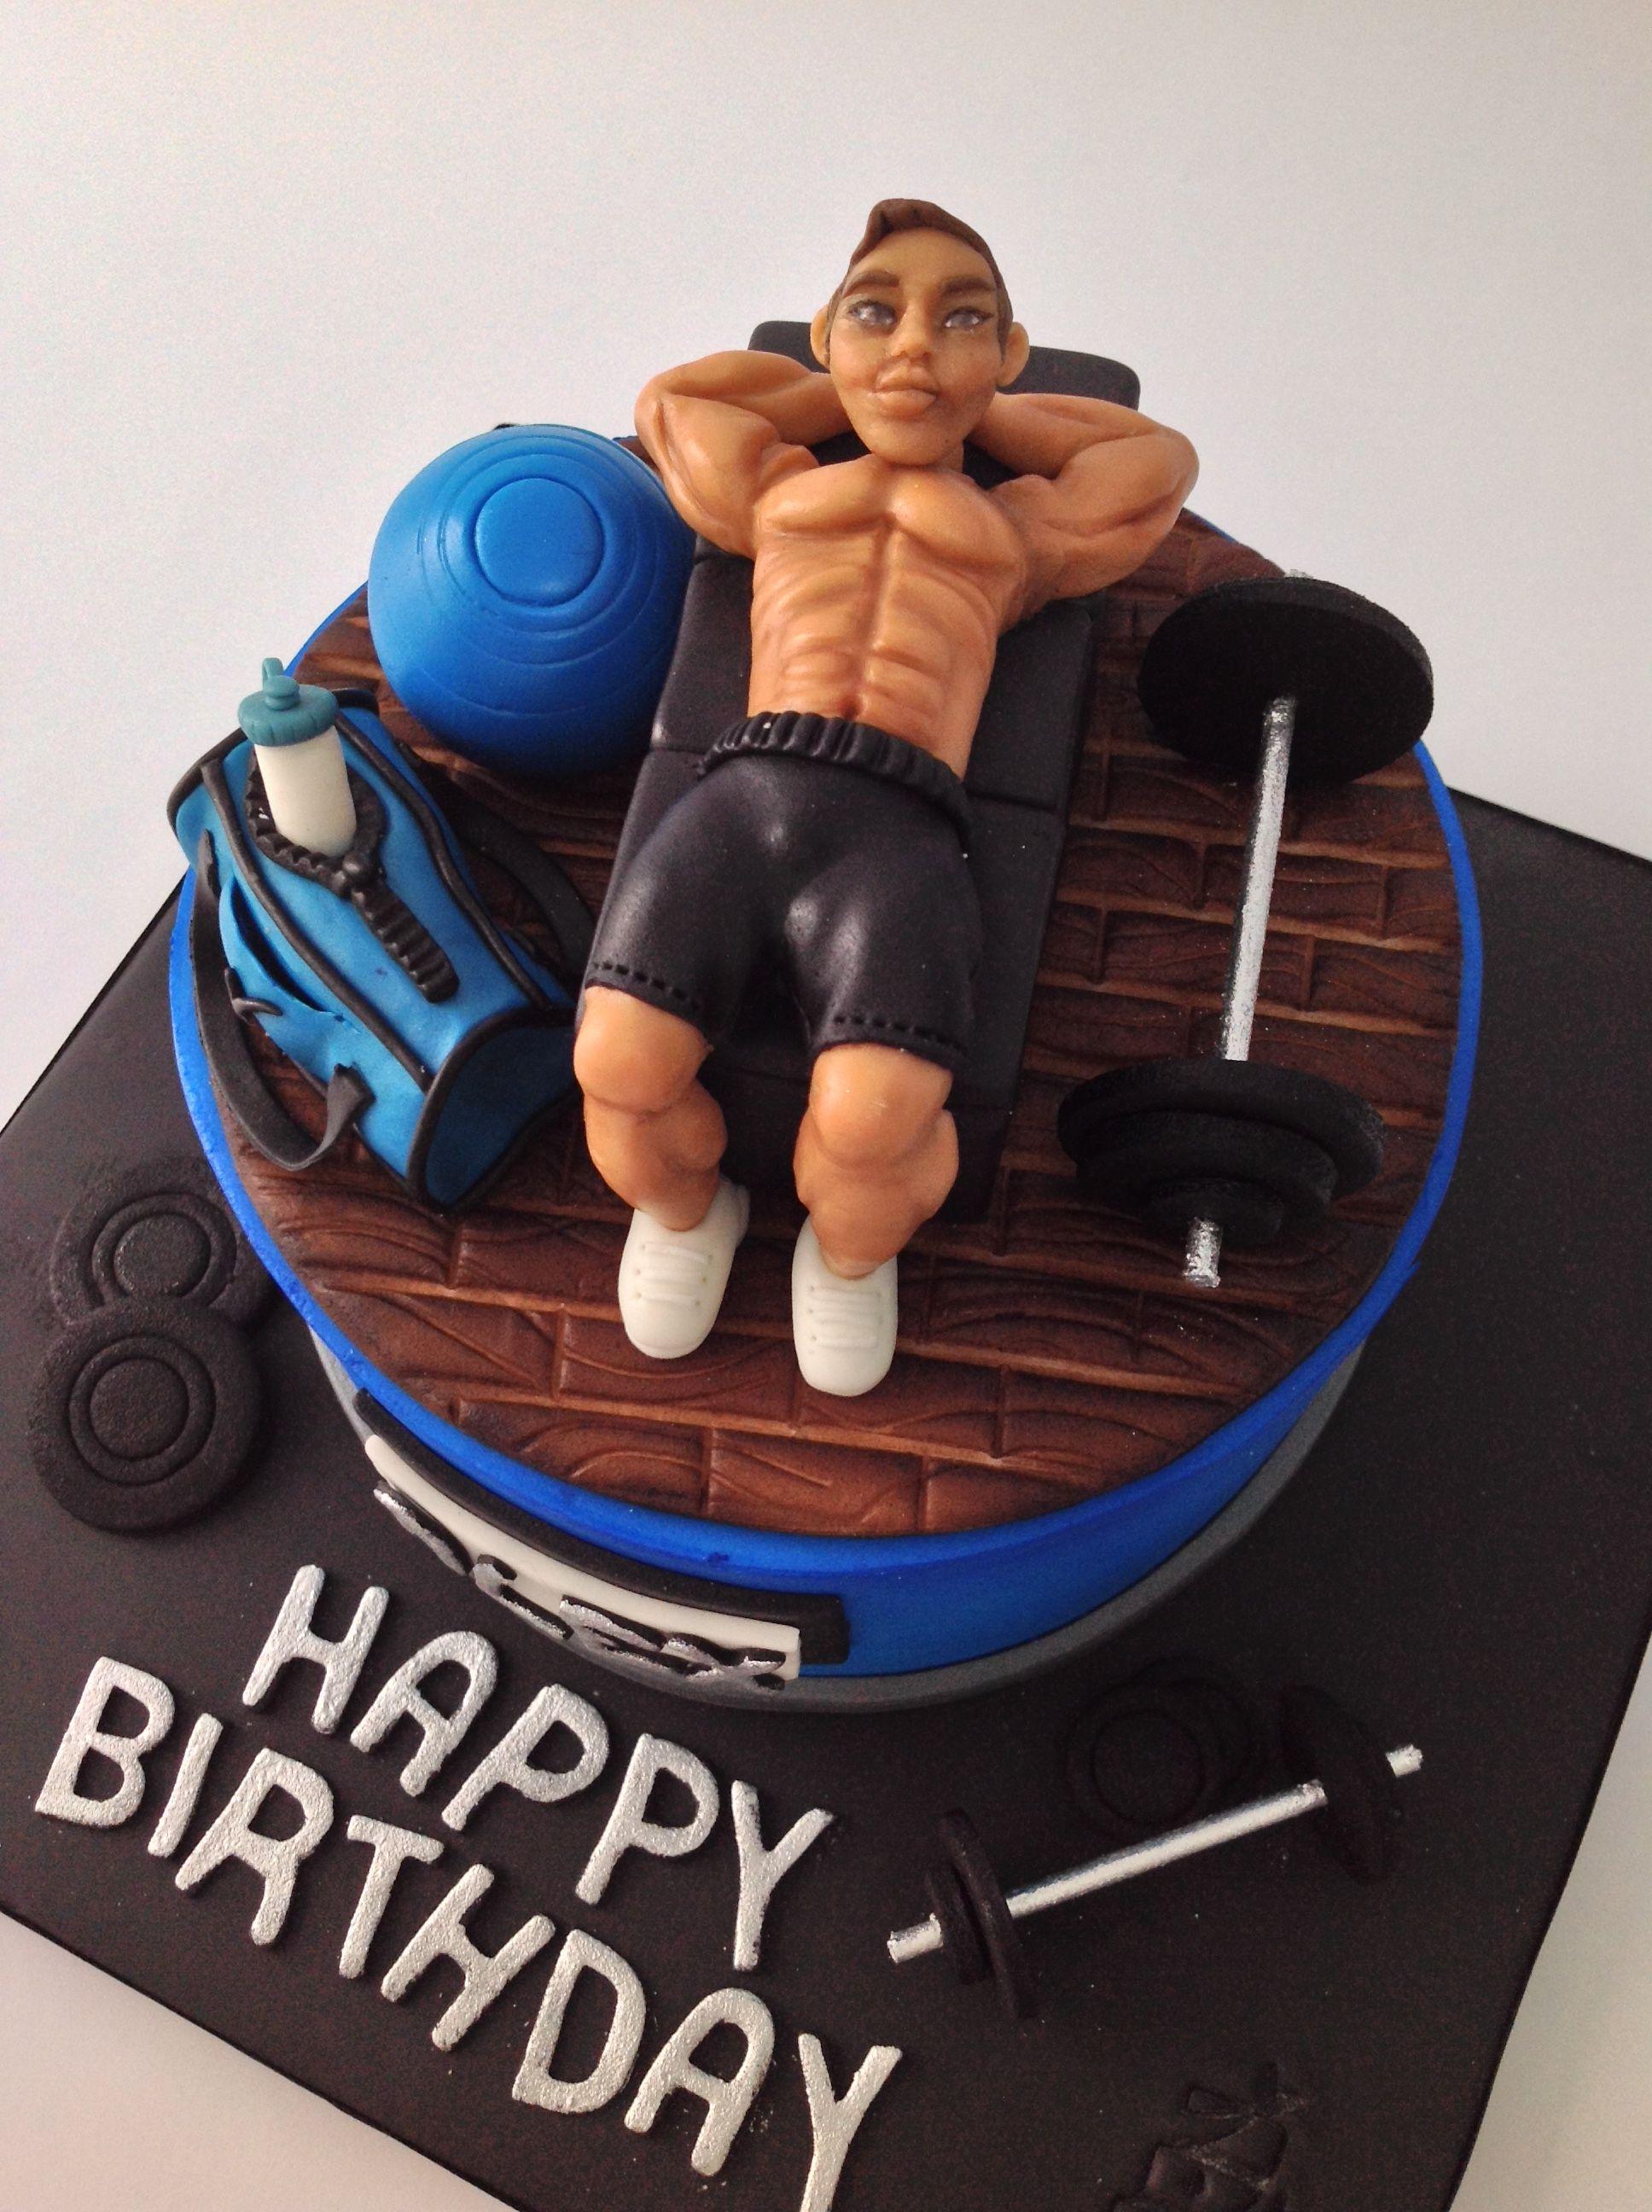 Поздравления с днем рождения для бодибилдера в прозе